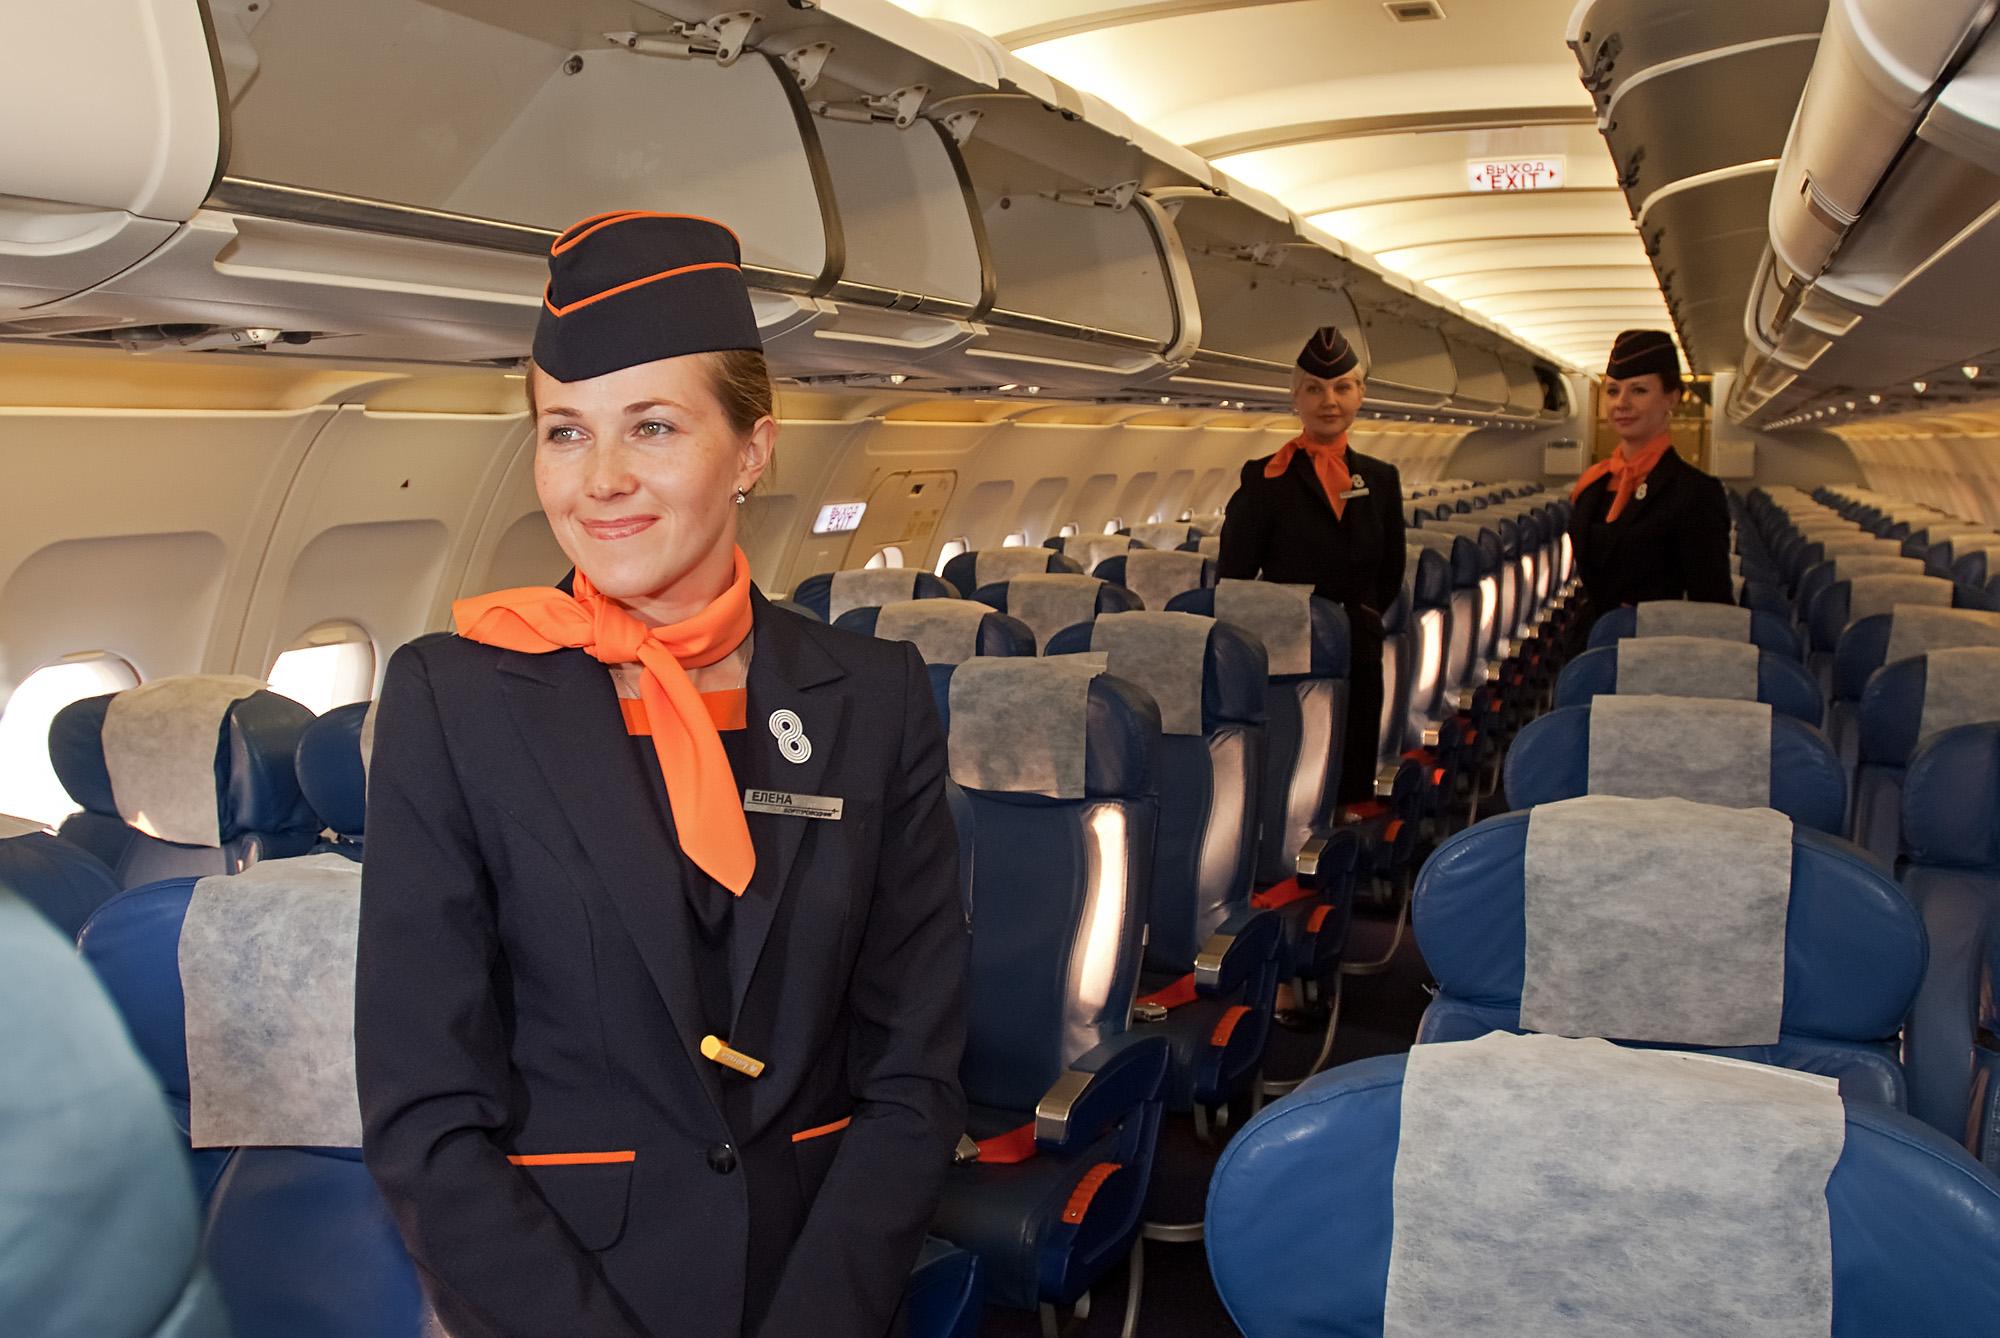 трех салон самолета авиакомпании аврора фото отзывы выпускается разного